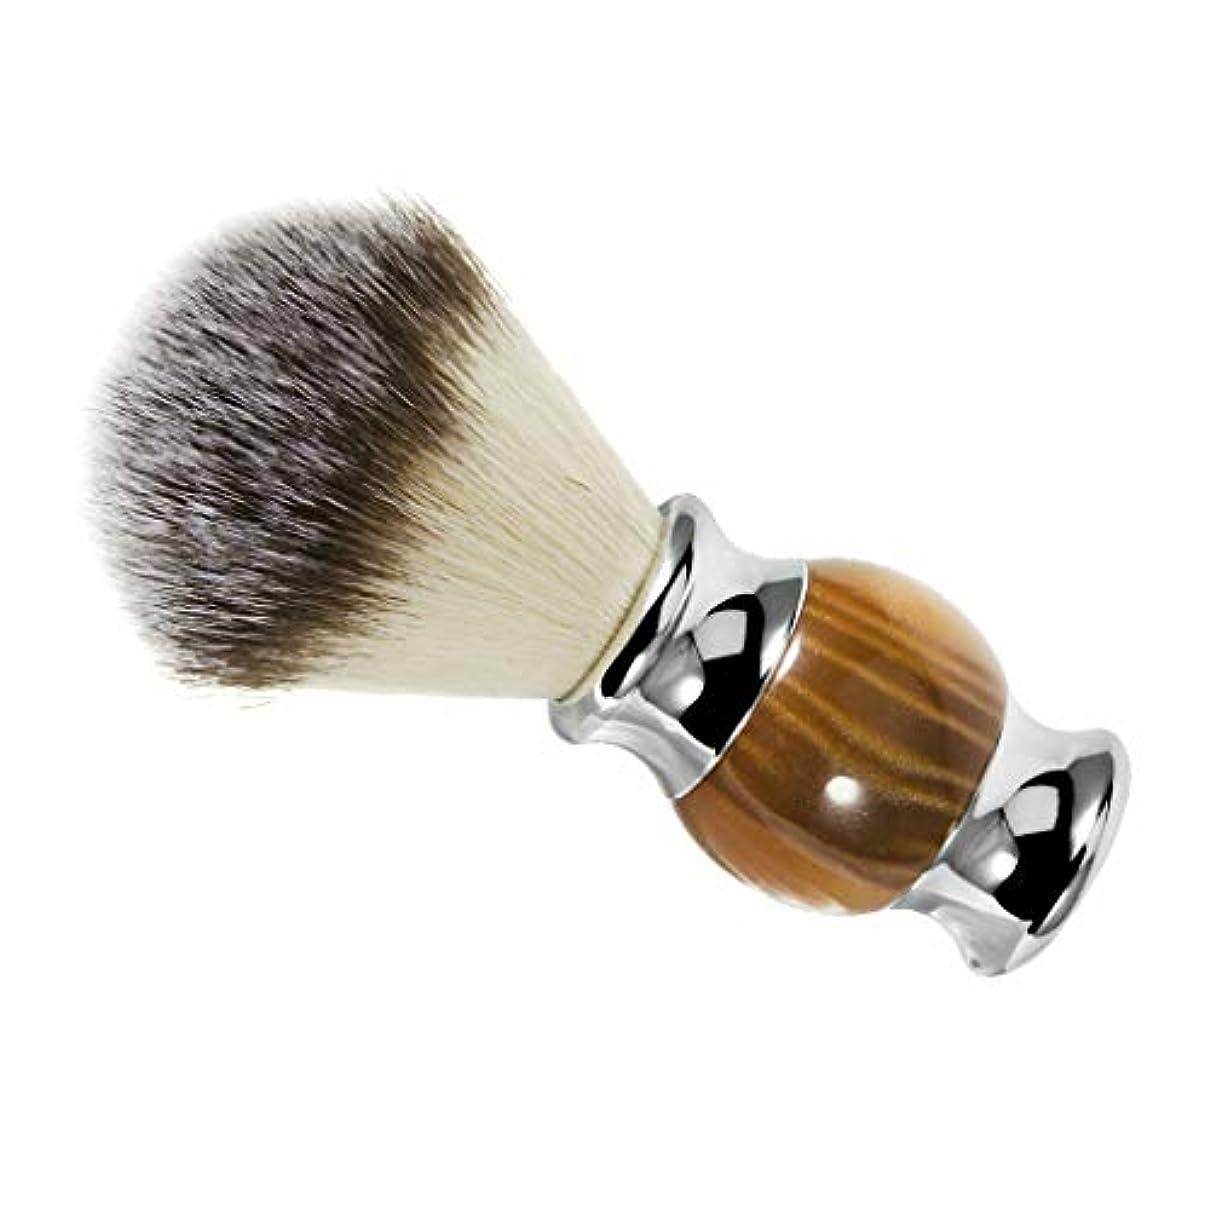 ベーシック嵐が丘仲間chiwanji シェービングブラシ ひげ剃りブラシ 口ひげブラシ 理髪サロン 髭剃り ひげ剃り 泡立ち